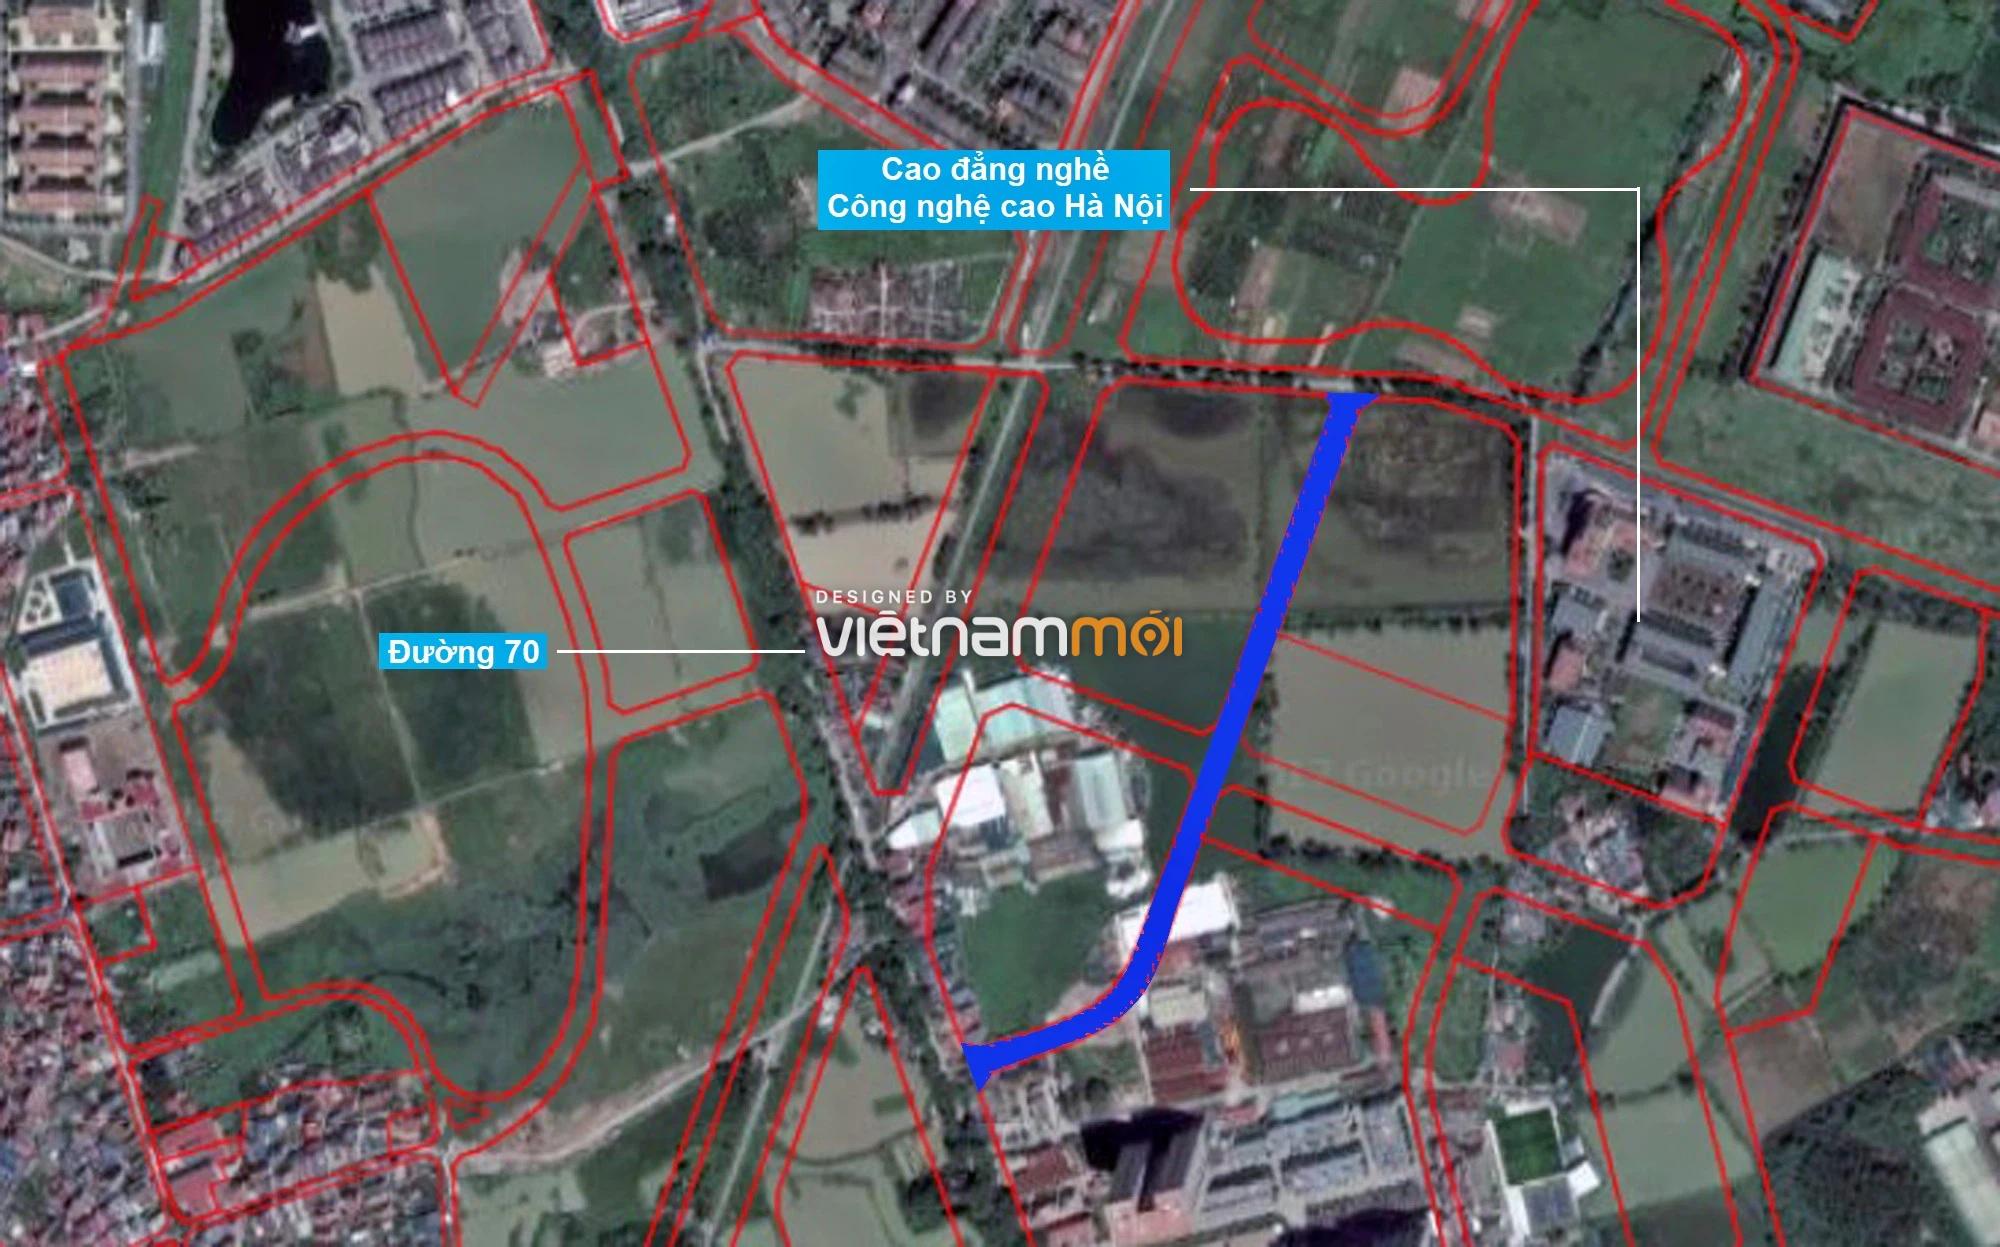 Những khu đất sắp thu hồi để mở đường ở phường Tây Mỗ, Nam Từ Liêm, Hà Nội (phần 3) - Ảnh 2.